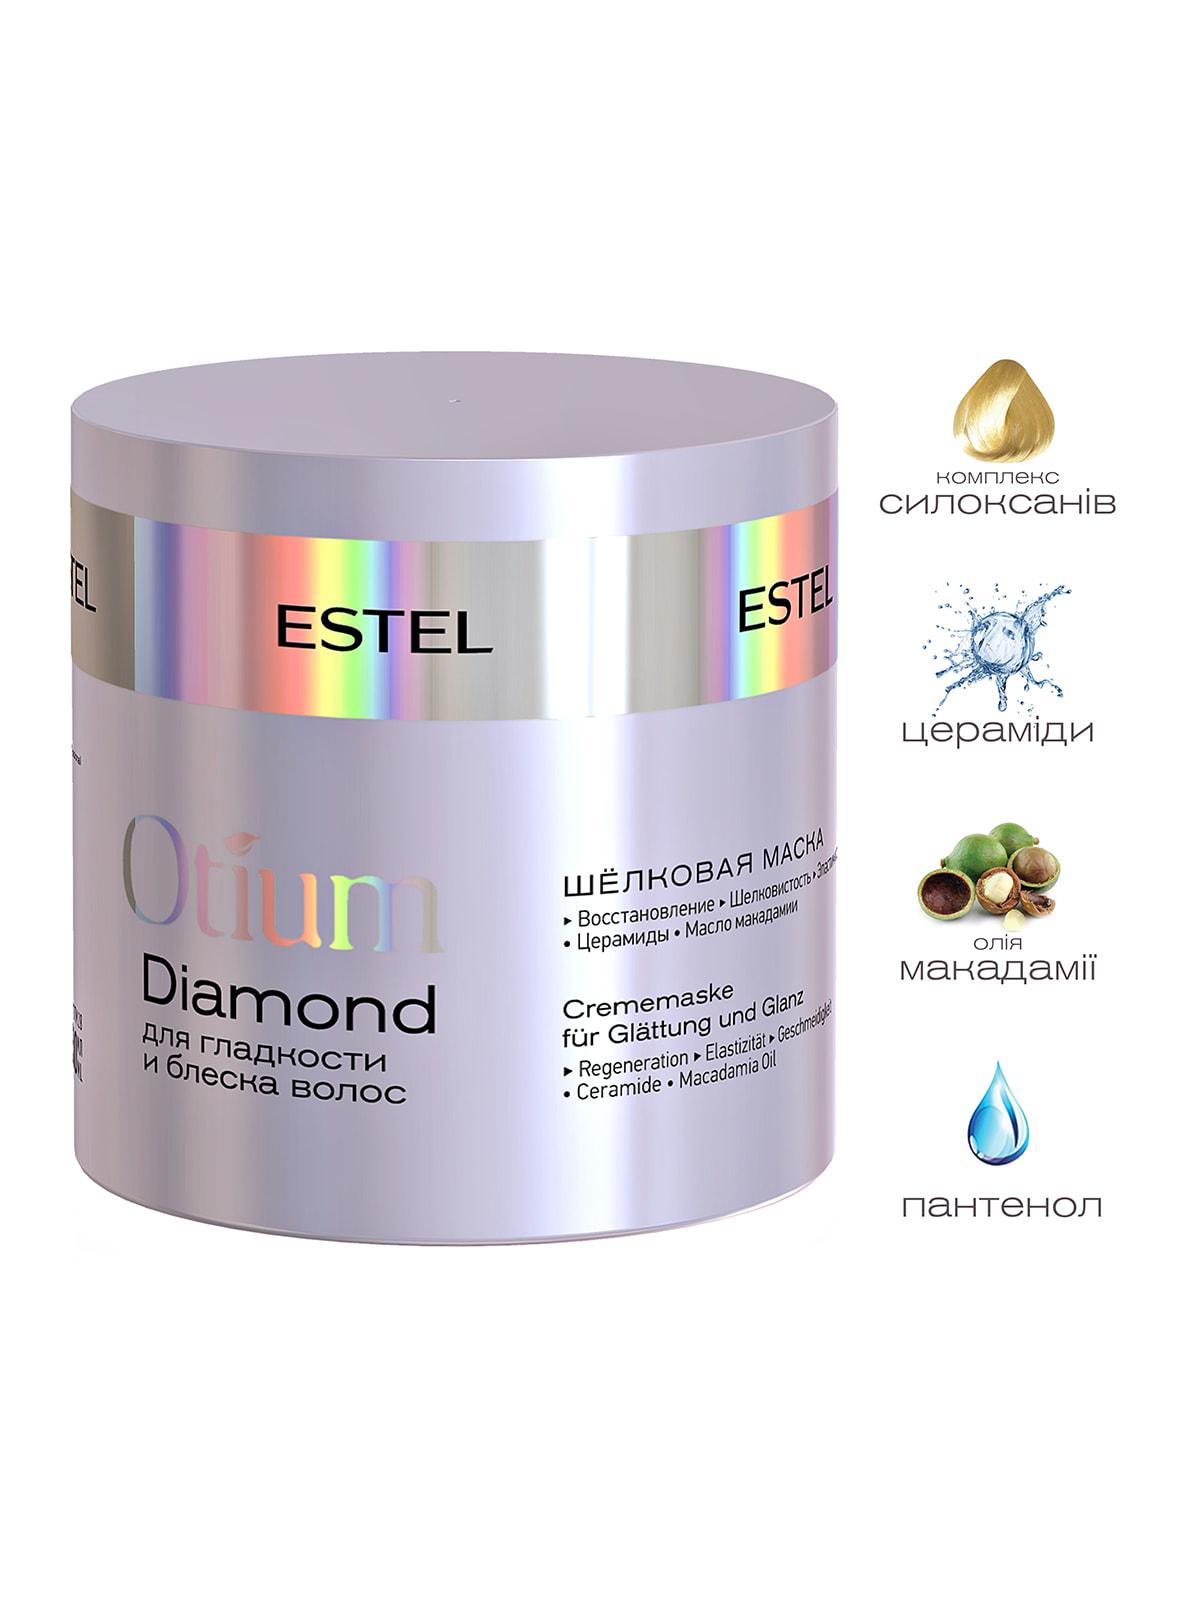 Шелковая маска для гладкости и блеска волос Otium Diamond (300 мл) | 4693970